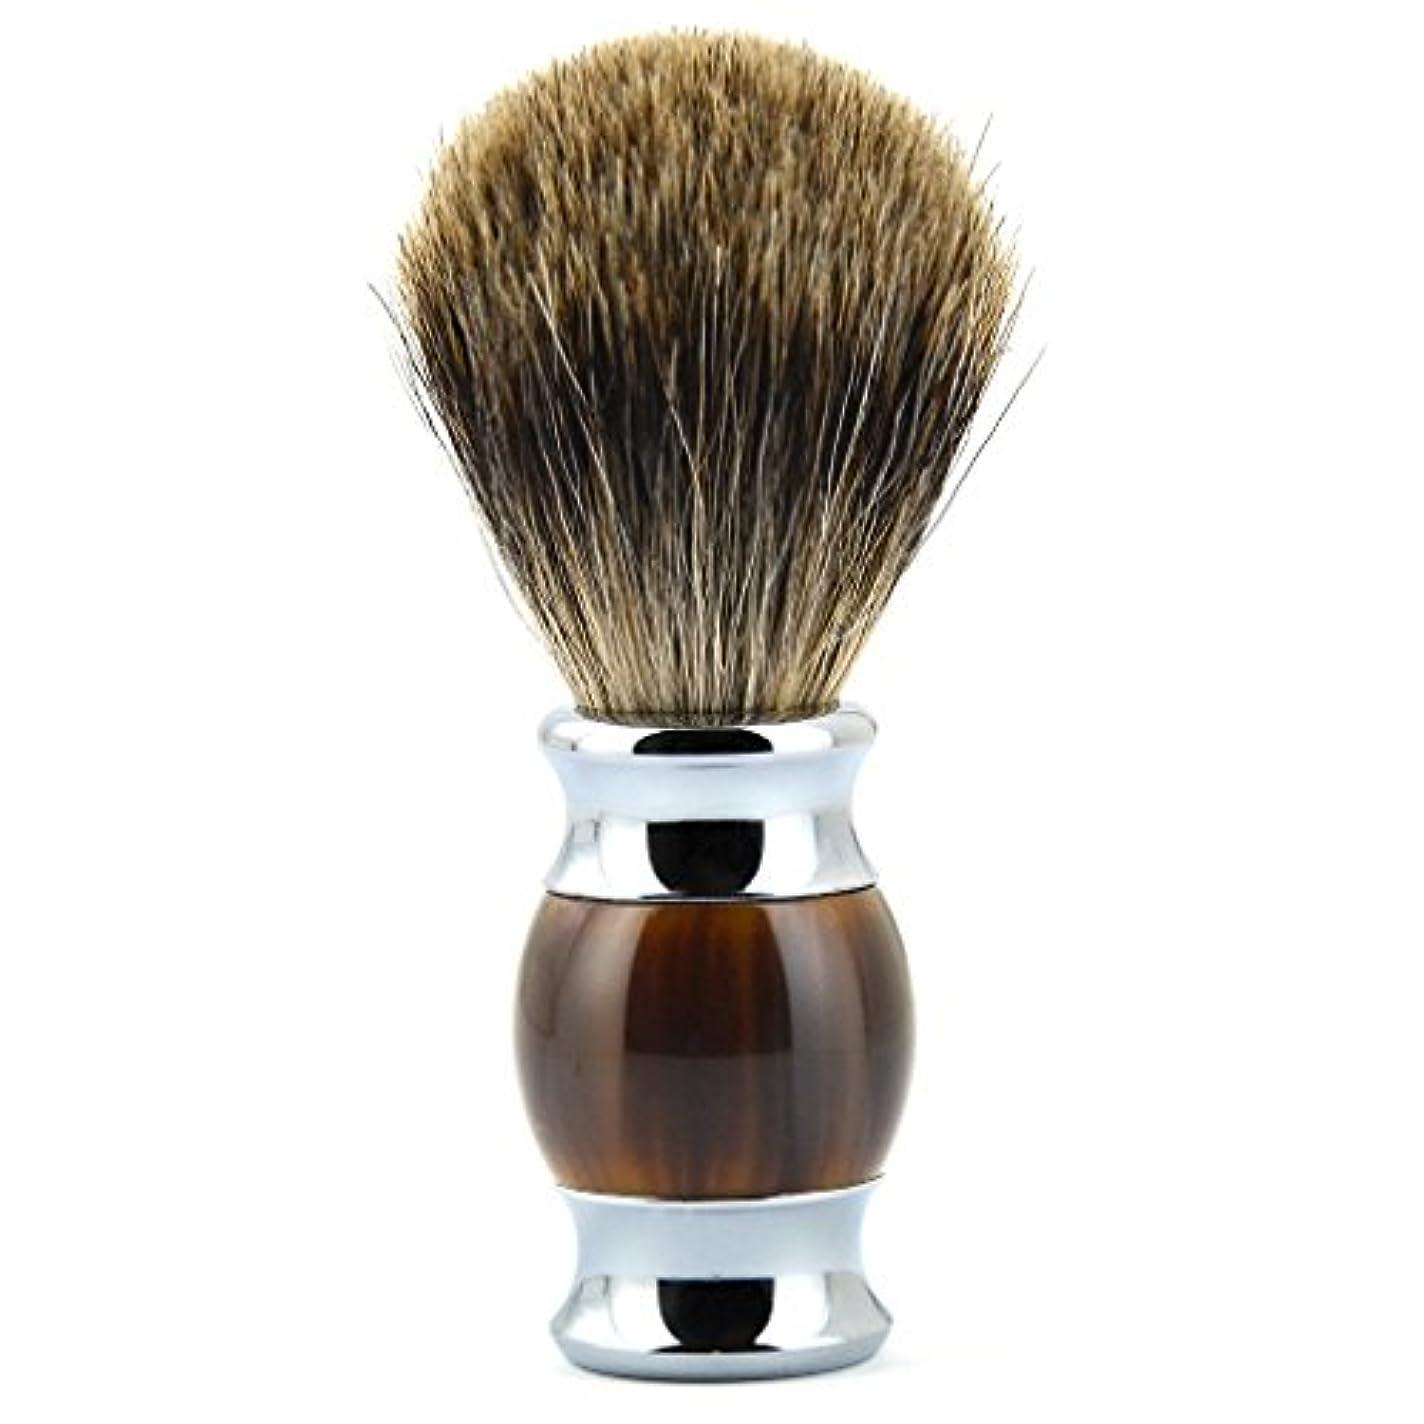 不運軽離れてArichops ひげブラシ シェービング ブラシ シェービング用ブラシ メンズ 100% アナグマ毛 理容 洗顔 髭剃り 泡立ち